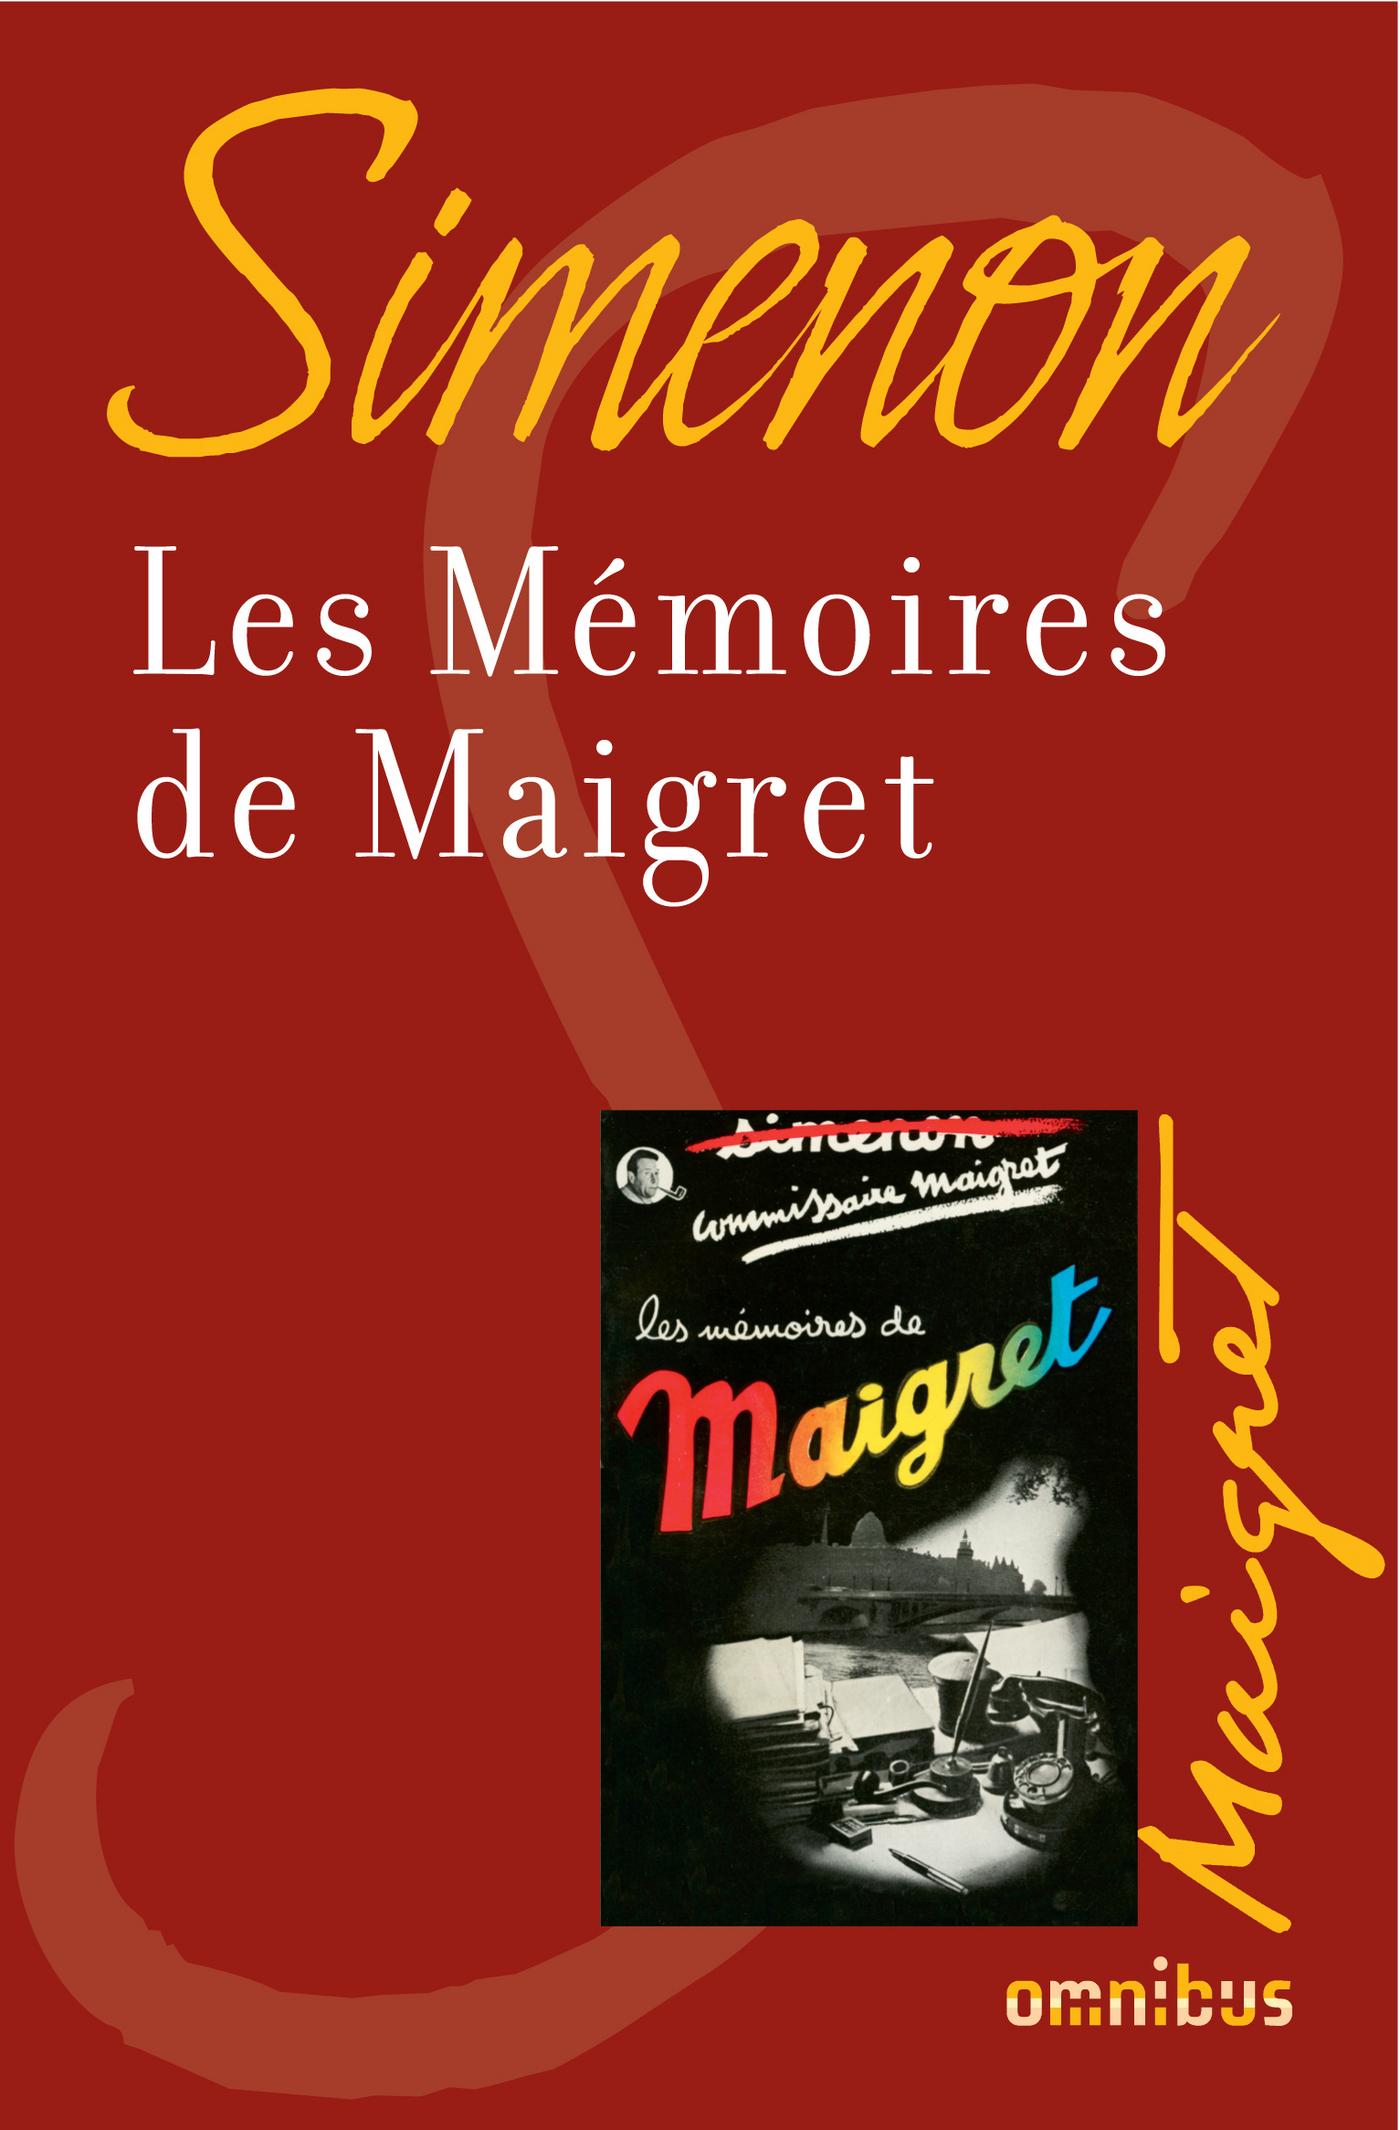 Les mémoires de Maigret